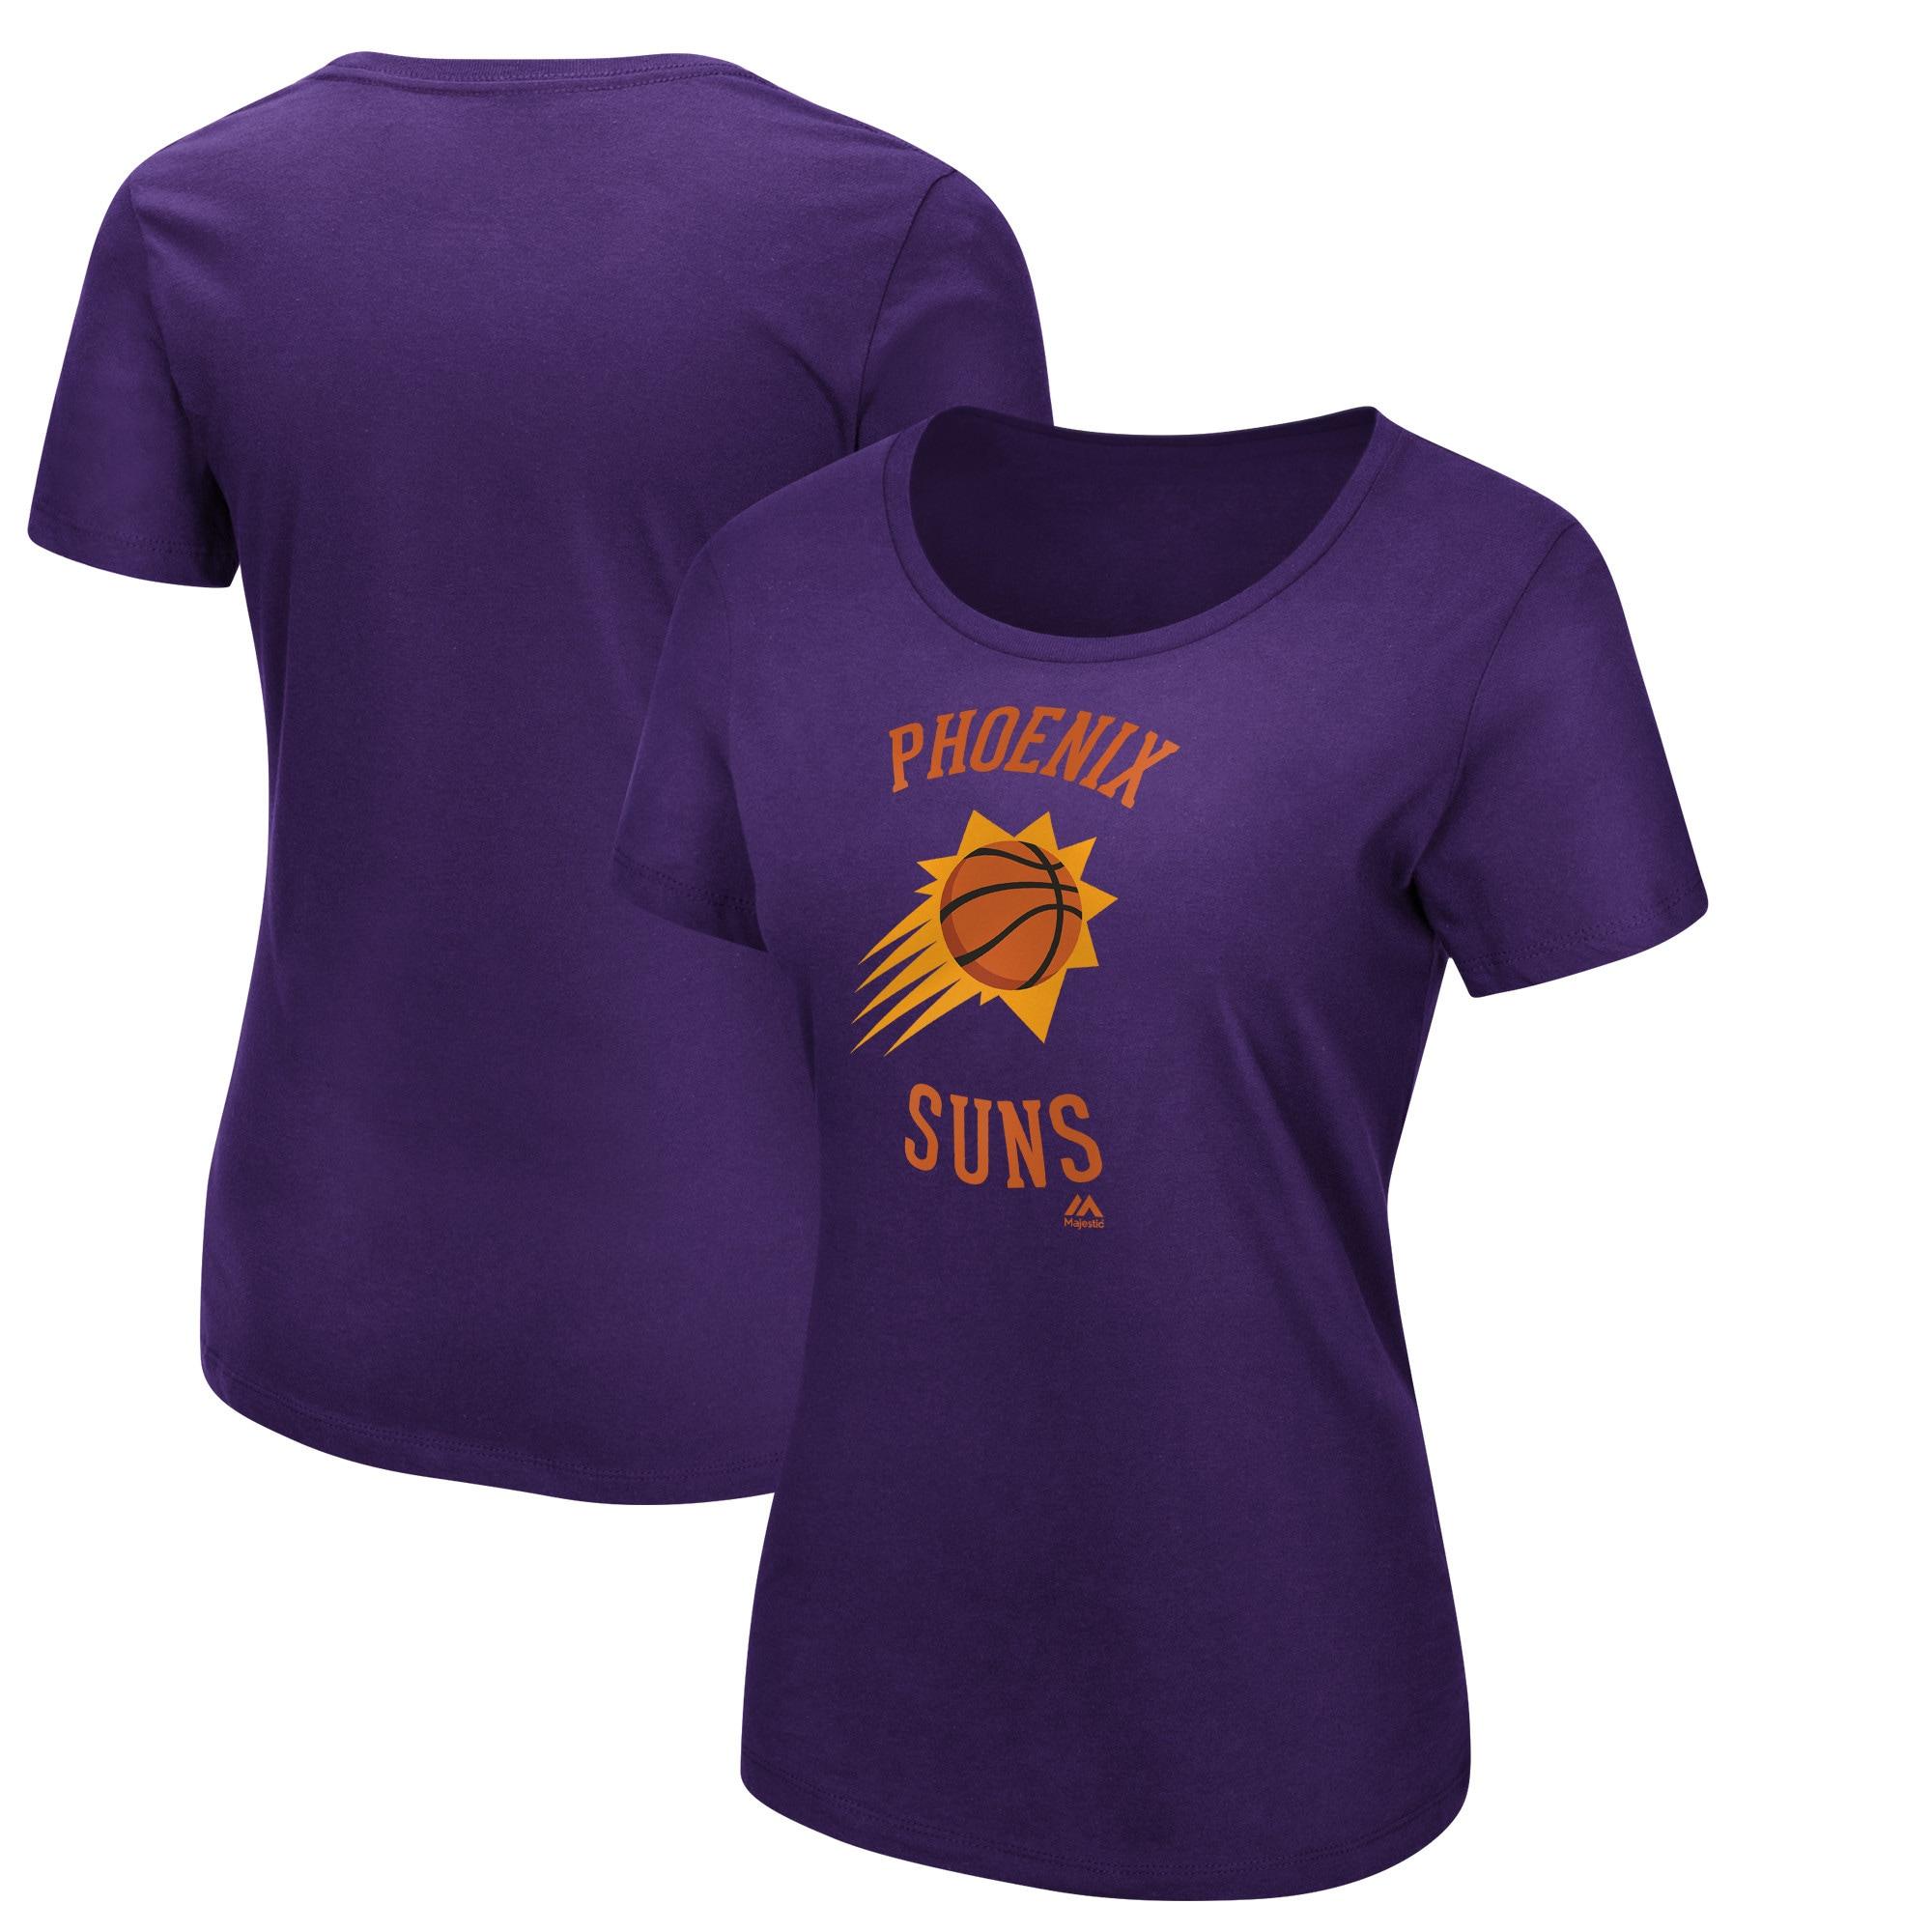 Phoenix Suns Majestic Women's The Main Thing T-Shirt - Purple